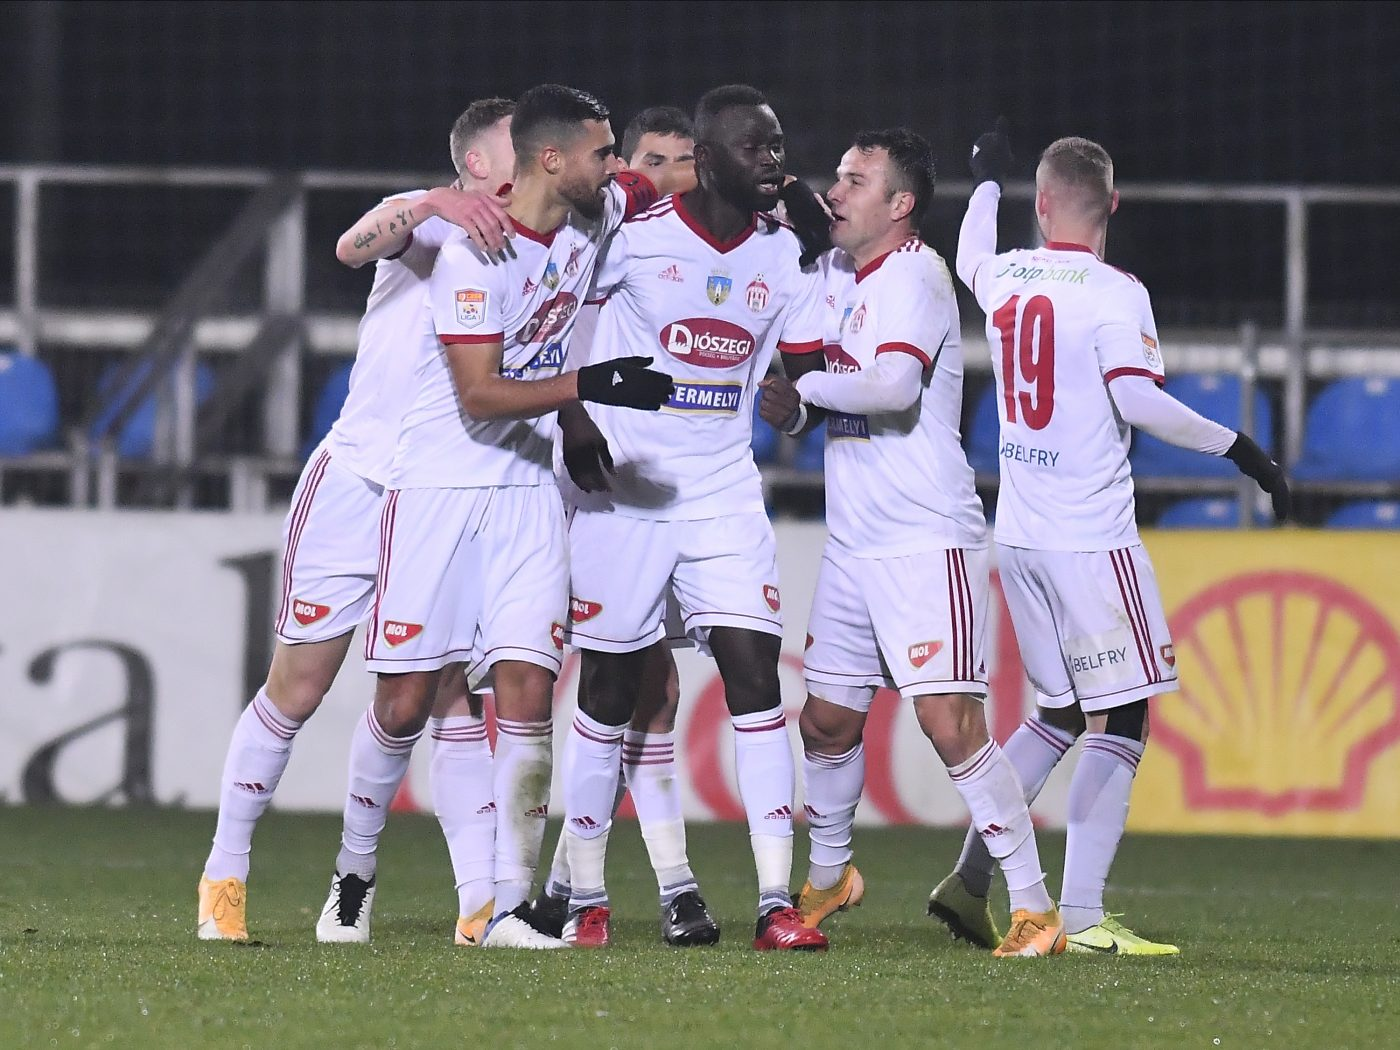 Liga 1: Sâmbăta, pariurile se fac devreme în România » Sepsi OSK – Astra Giurgiu se joacă și la pariuri!